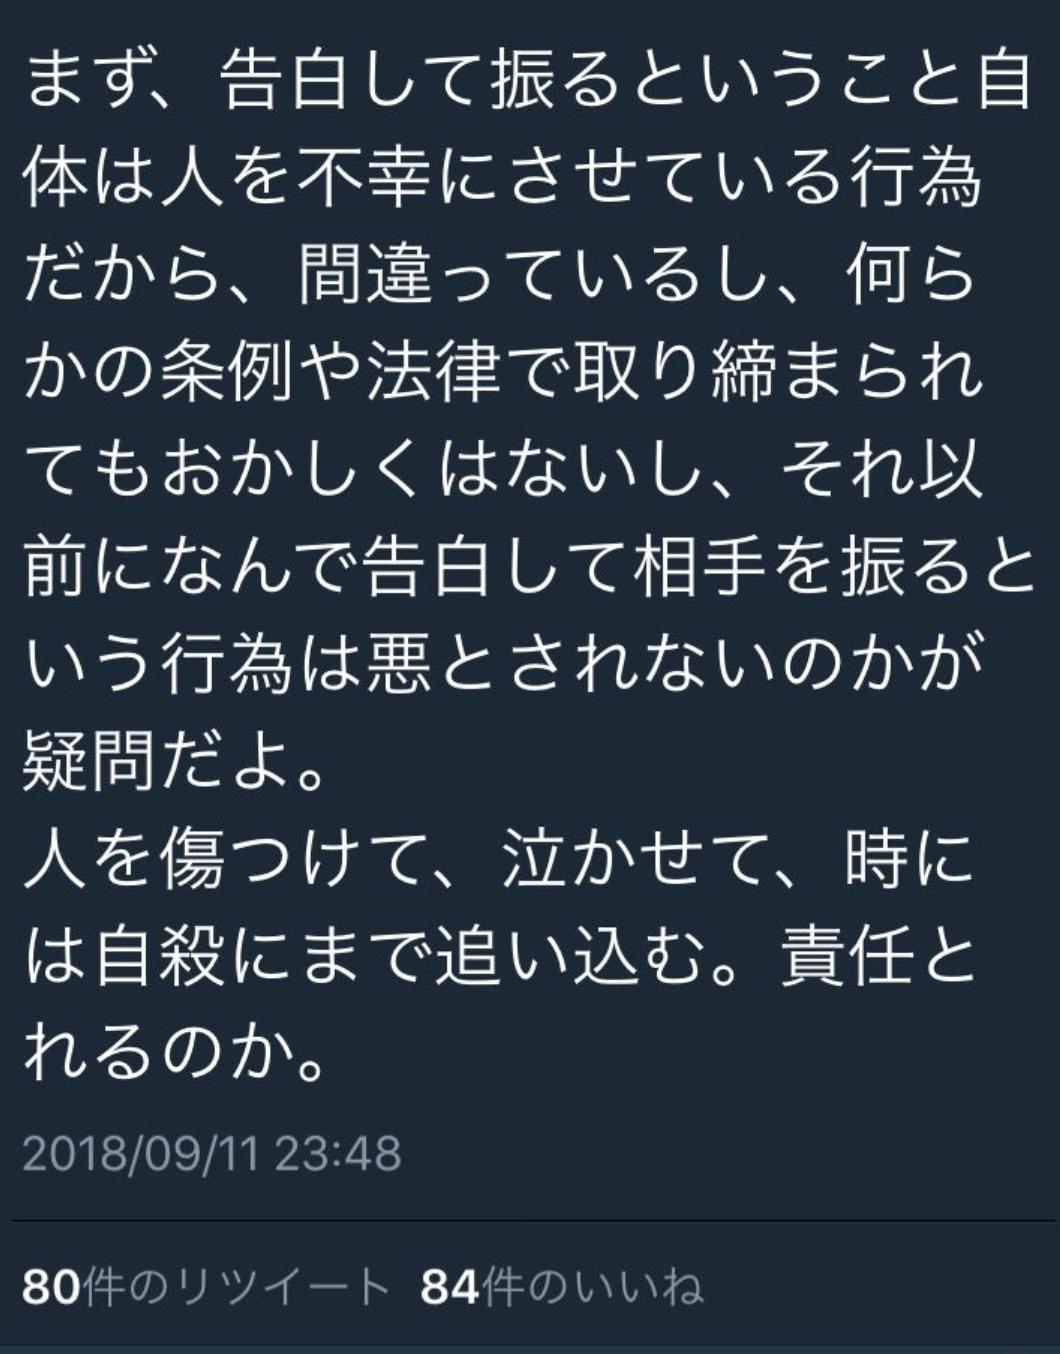 スクリーンショット 2018-09-16 05.00.20